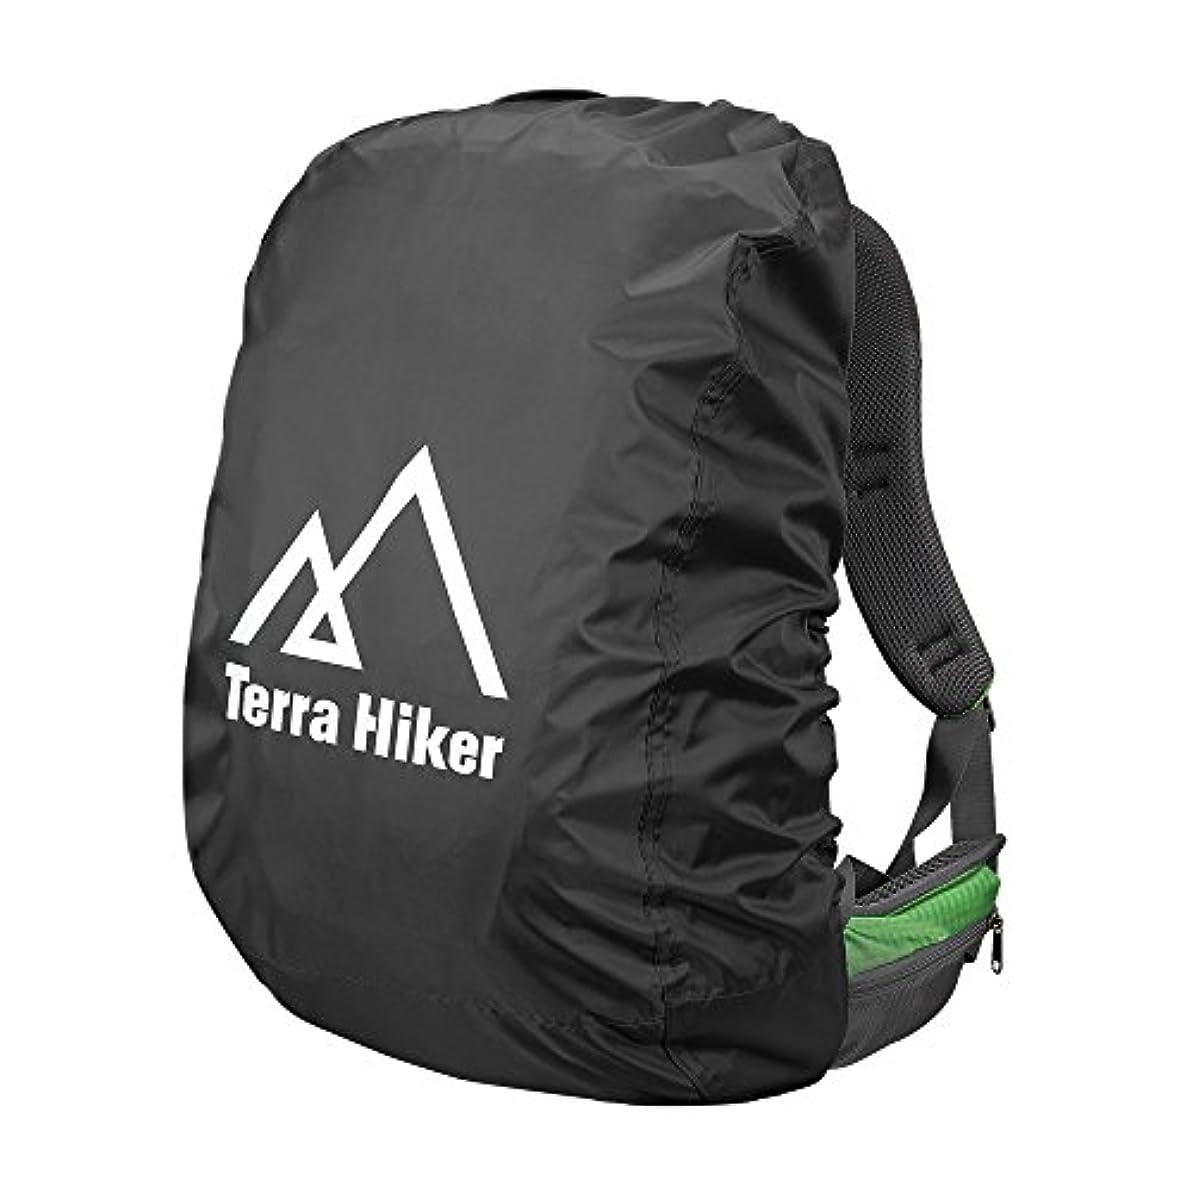 促すポーター残基Terra Hike レインカバー 雨よけ リュックカバー 300Dオクスフォード生地 ザックカバー 防水性 軽量 通勤 通学 登山 アウトドア活動 対応サイズ15-60L